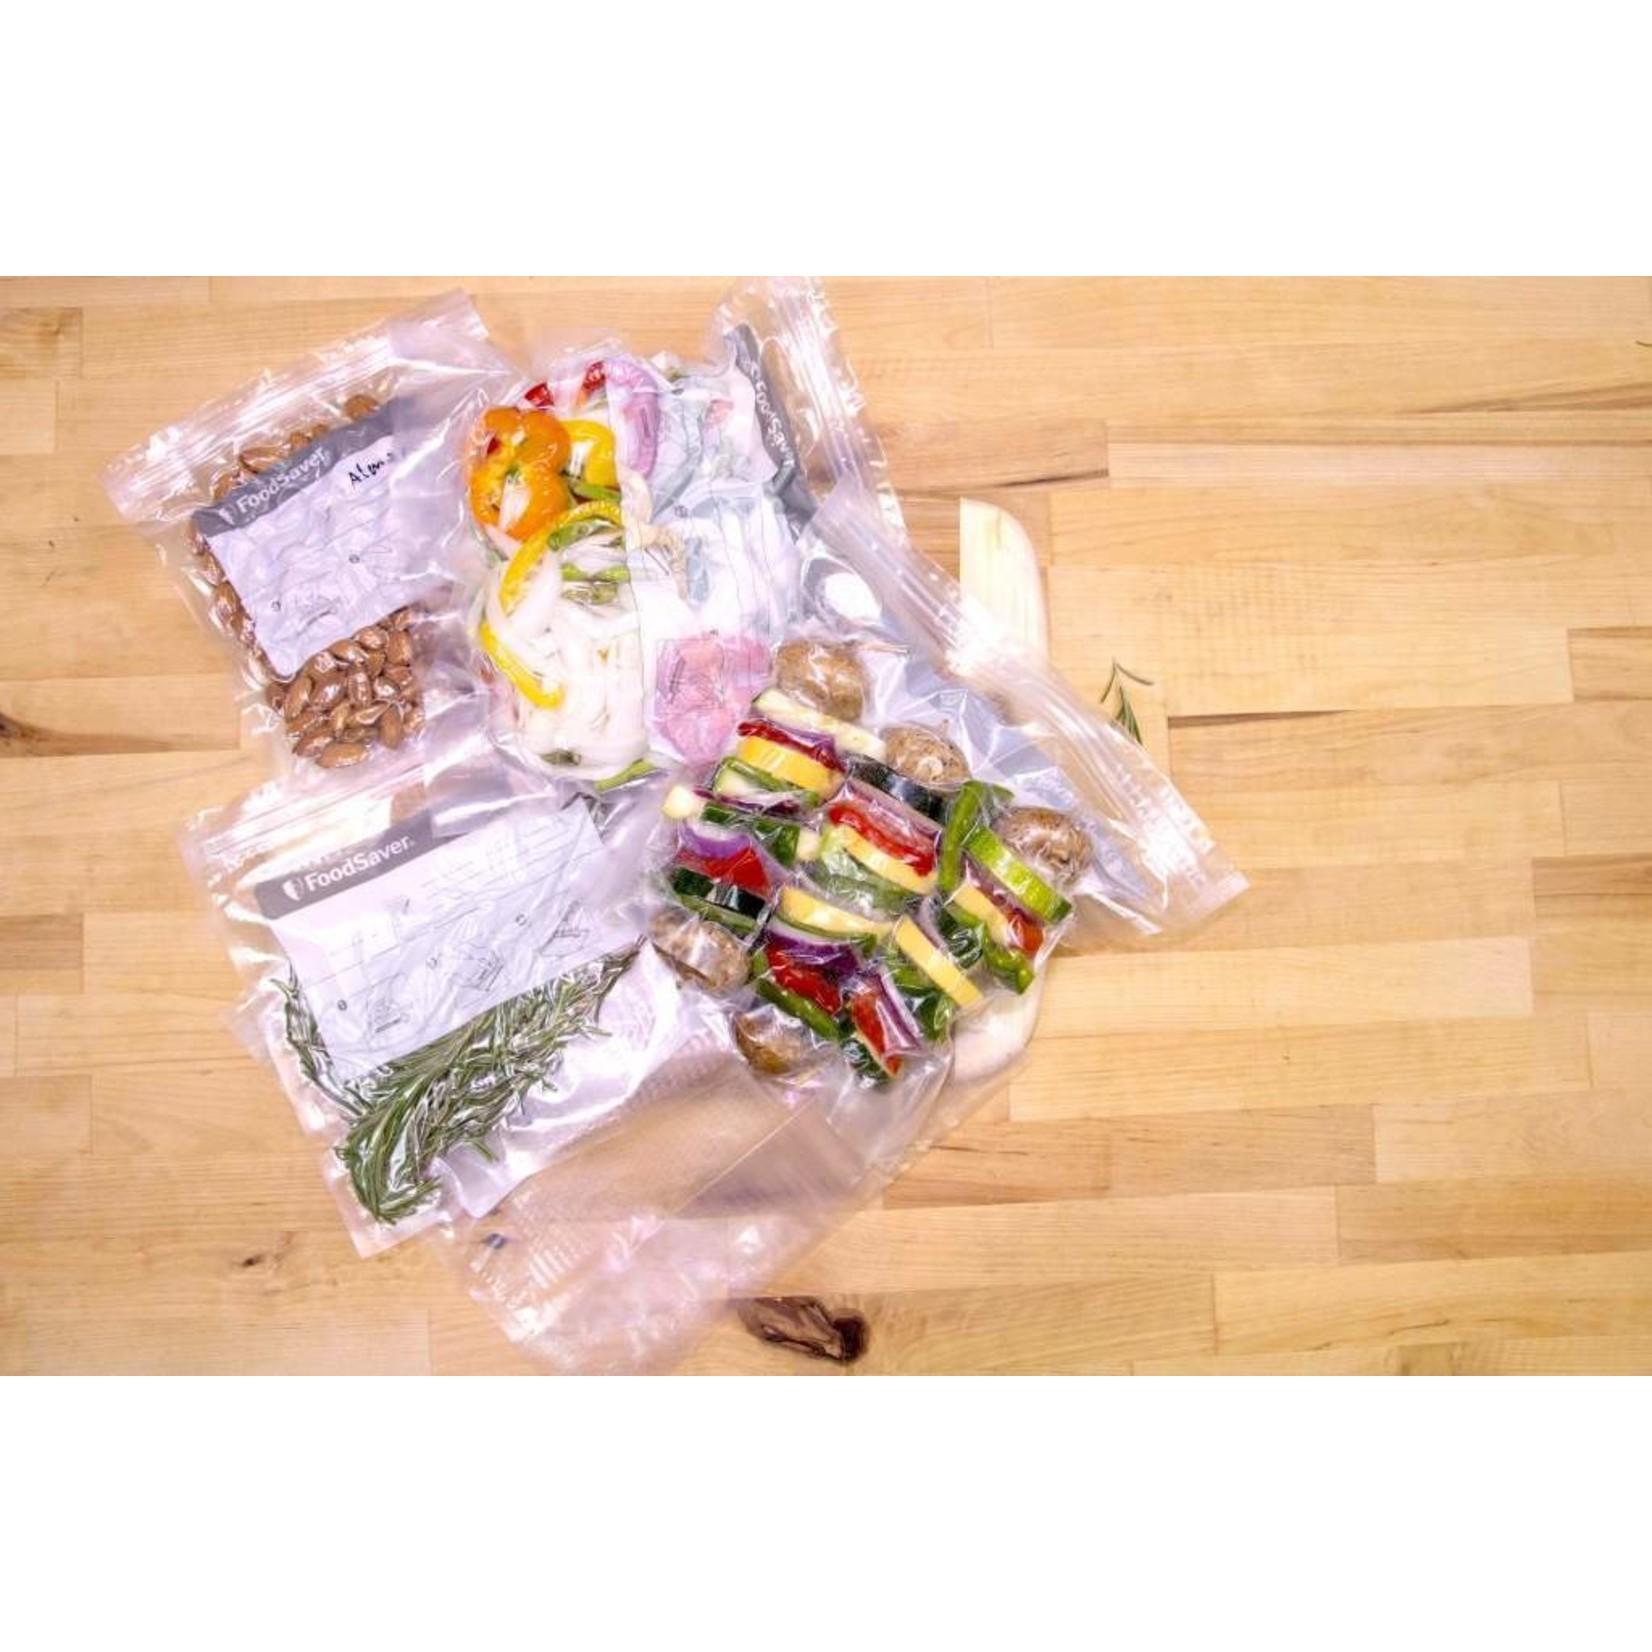 Foodsaver FoodSaver Fresh vershoudzak 26 stuks